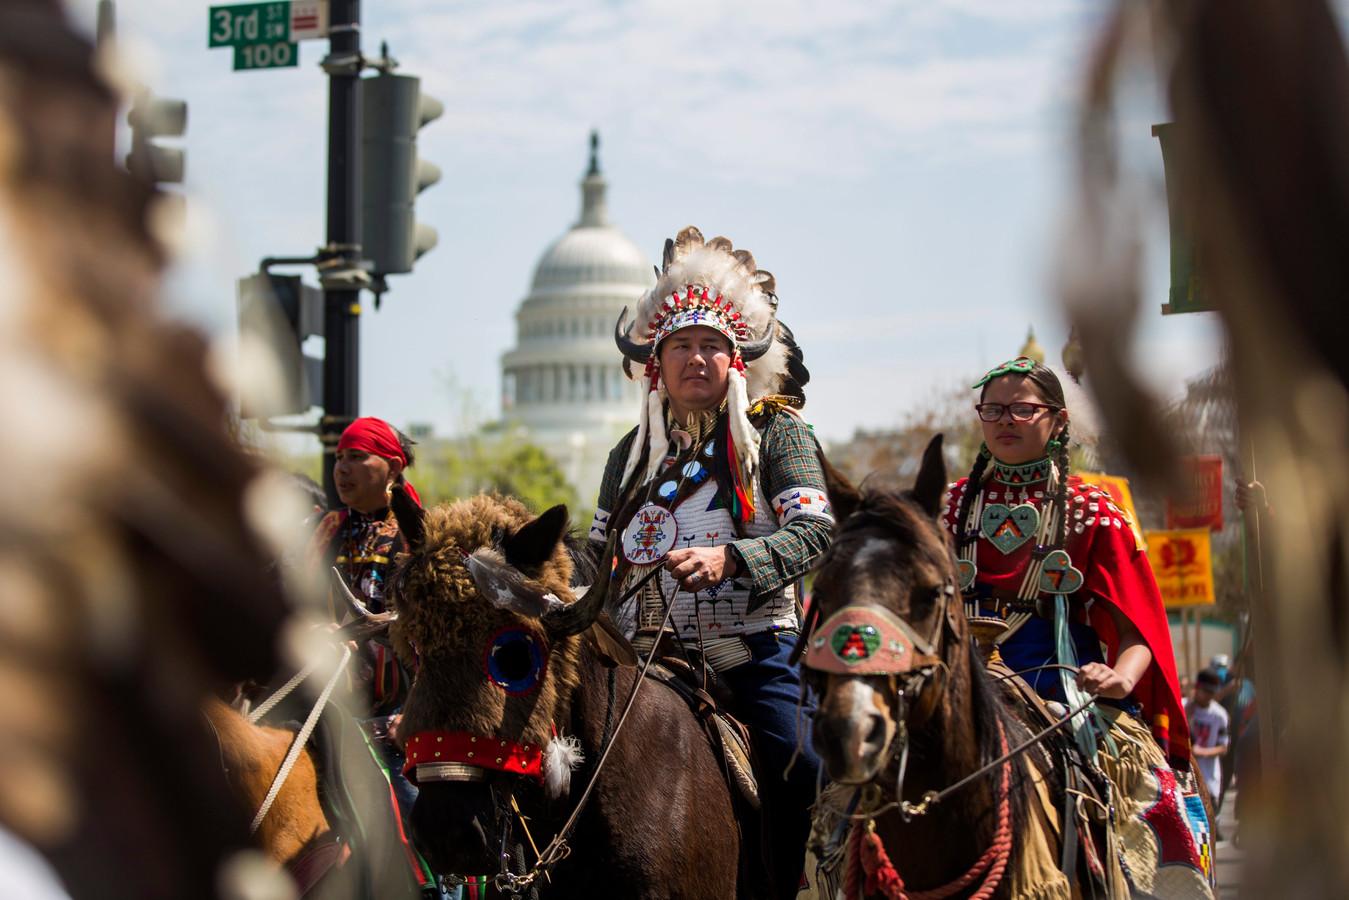 De actiegroep Cowboy  & Indian Alliance tijdens een protest tegen de Keystone XL Pipeline  in Washington (archieffoto)